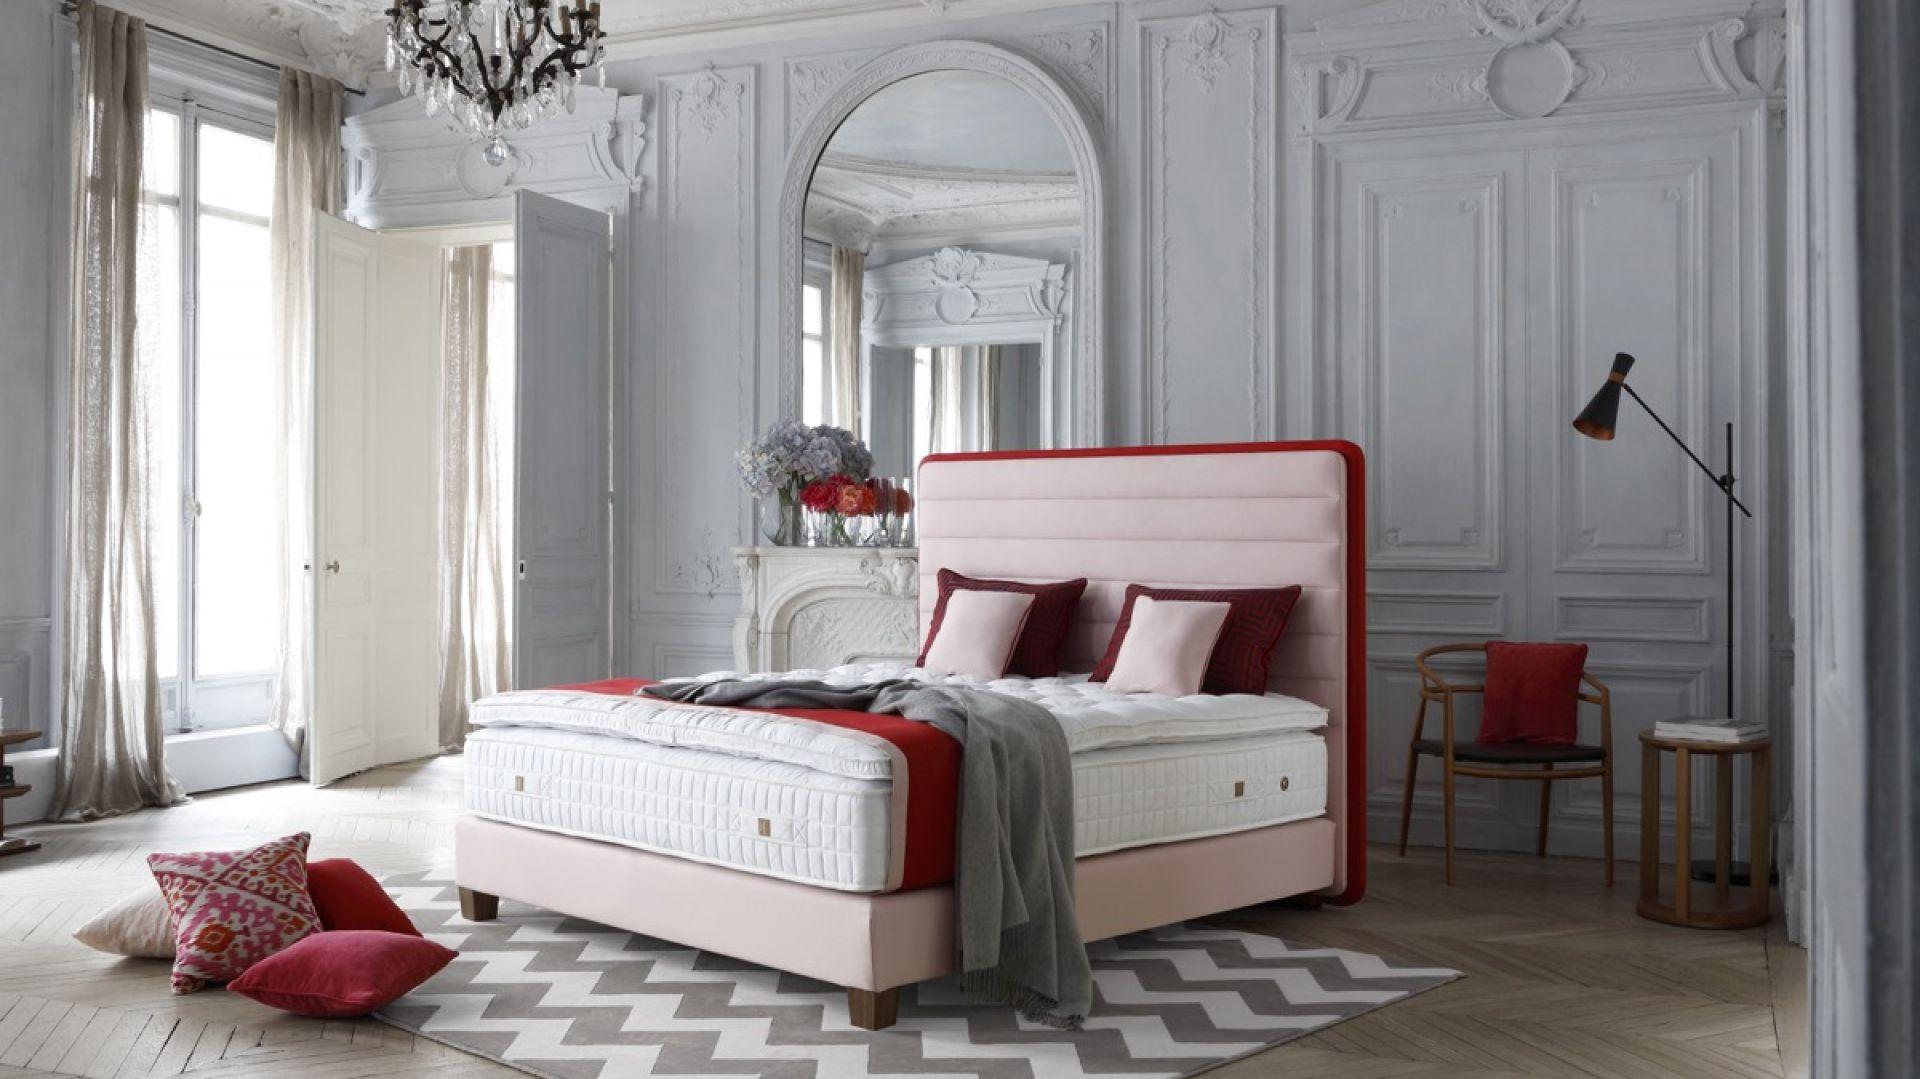 Luksusowa Sypialnia Poznaj łóżka Francuskiej Marki